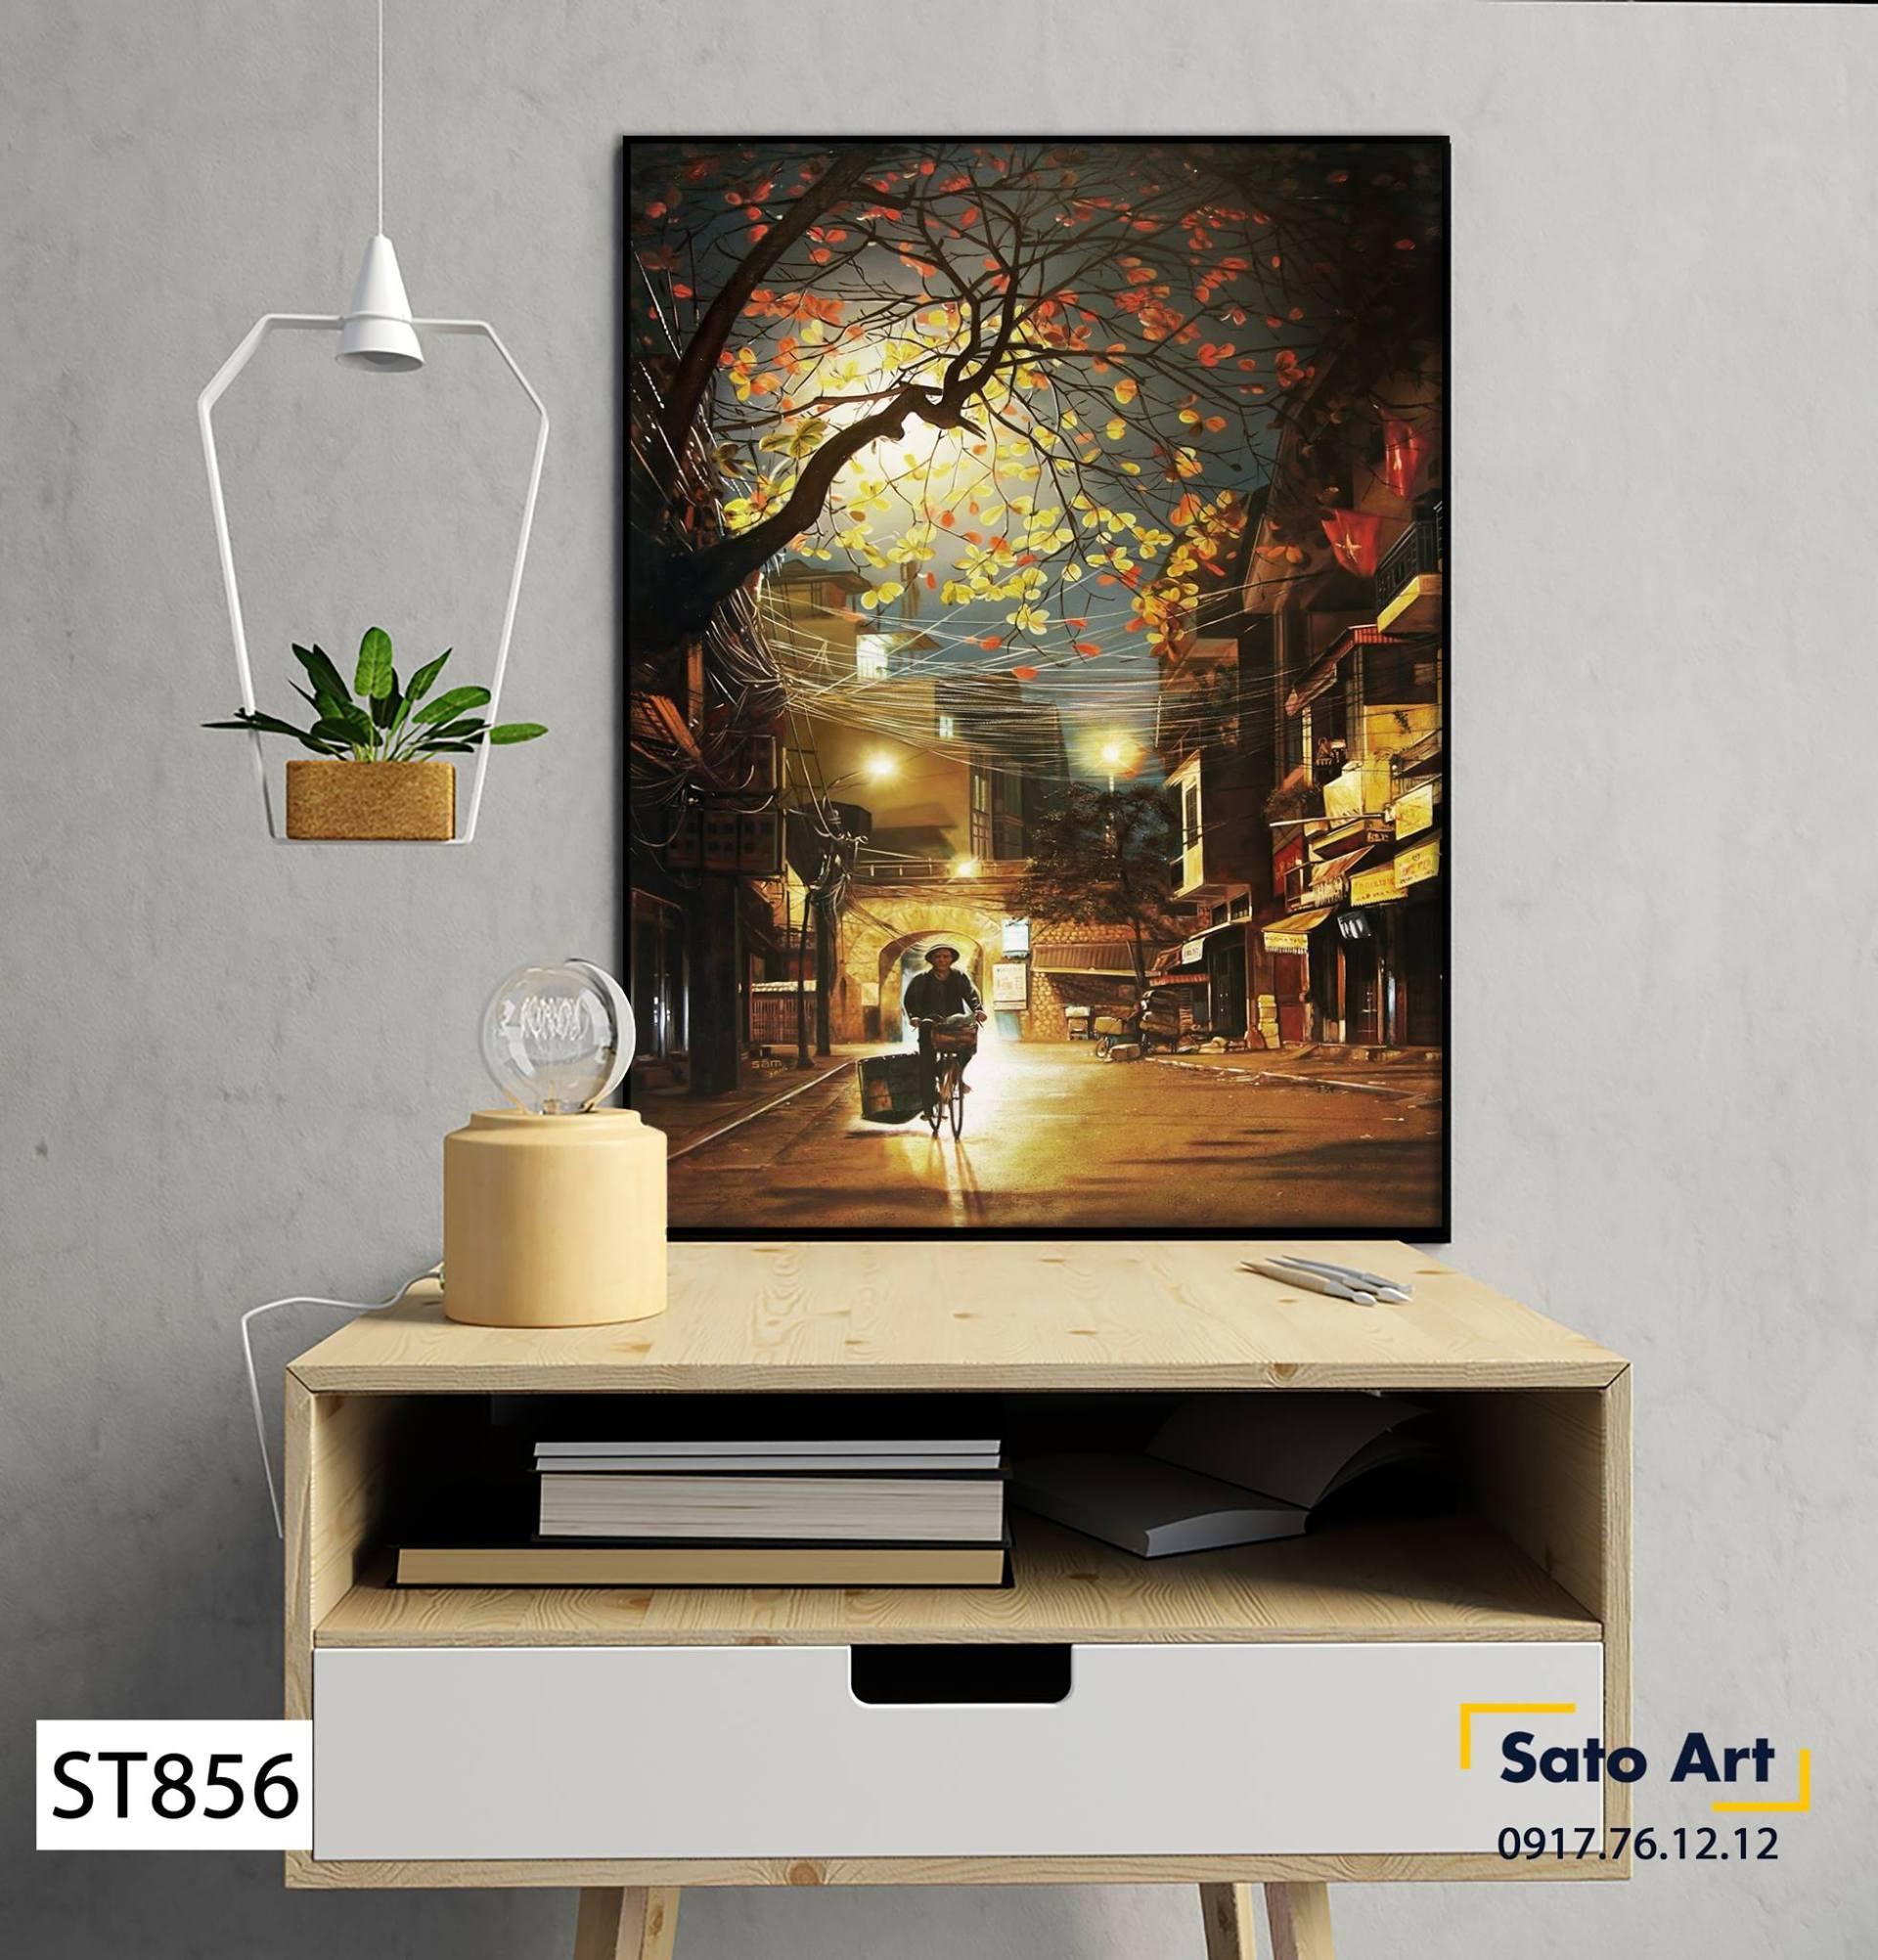 Tranh sơn dầu đường phố rẻ nhất Hà Nội